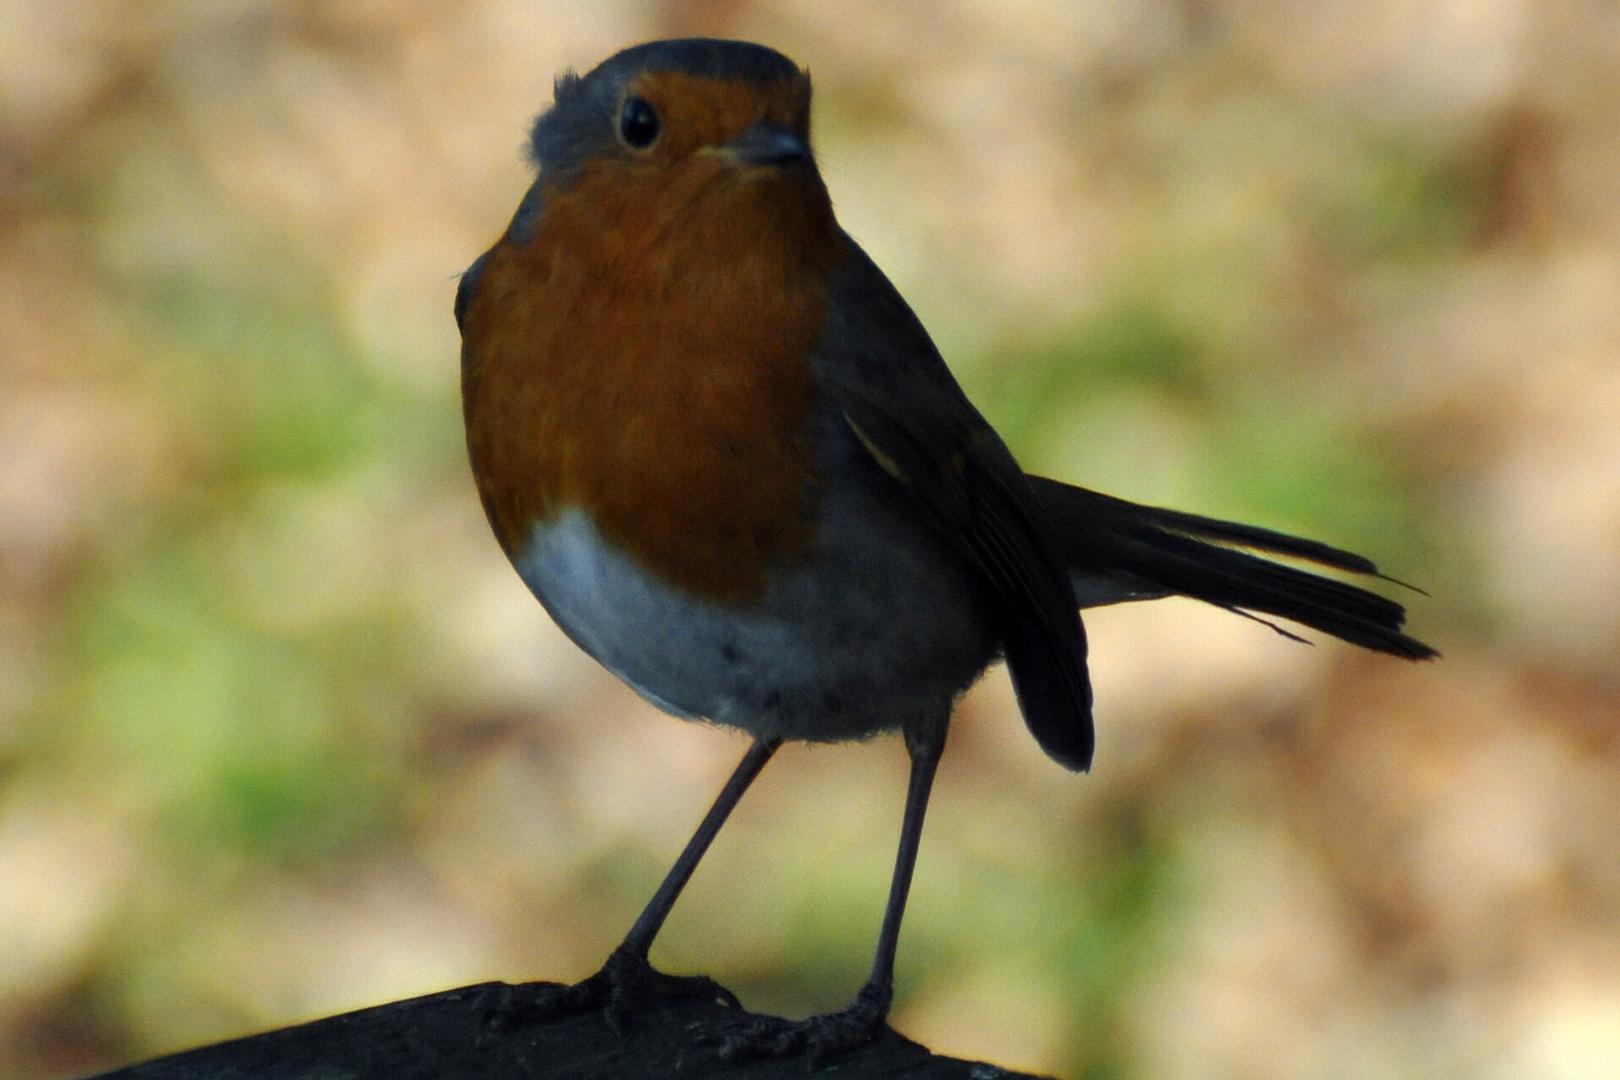 friendly robin